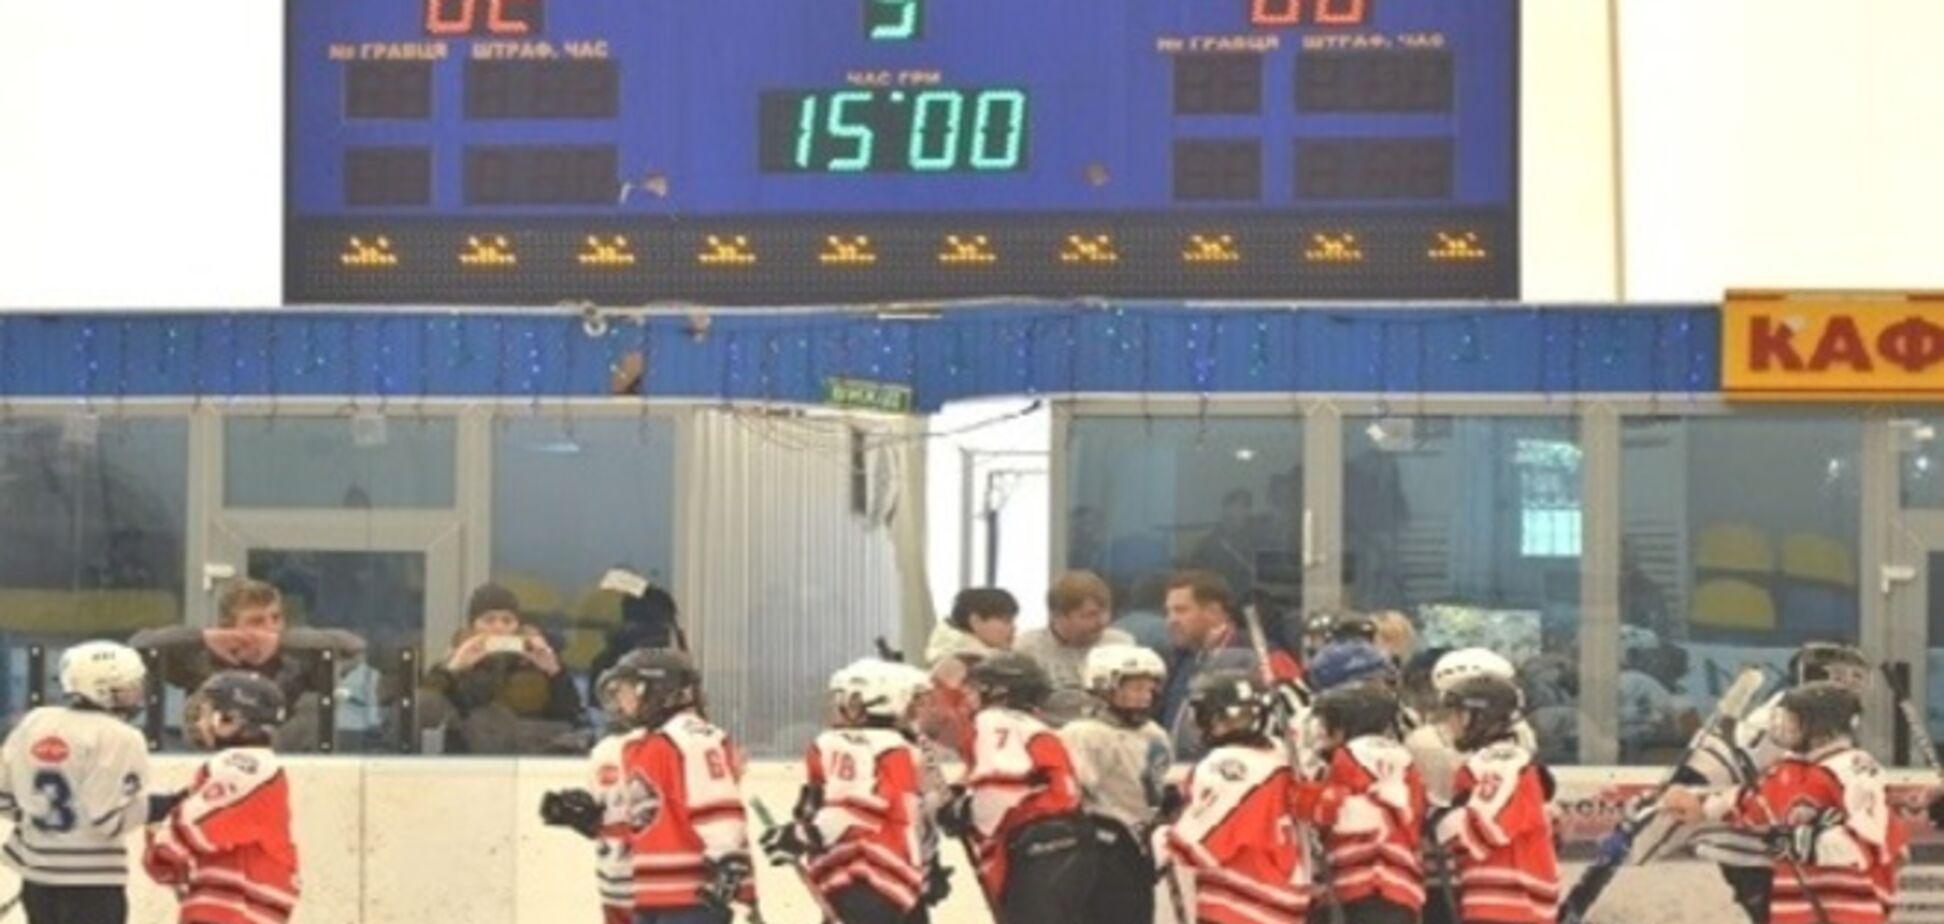 'Донбасс-2003' выиграл турнир 'Ледниковый период'